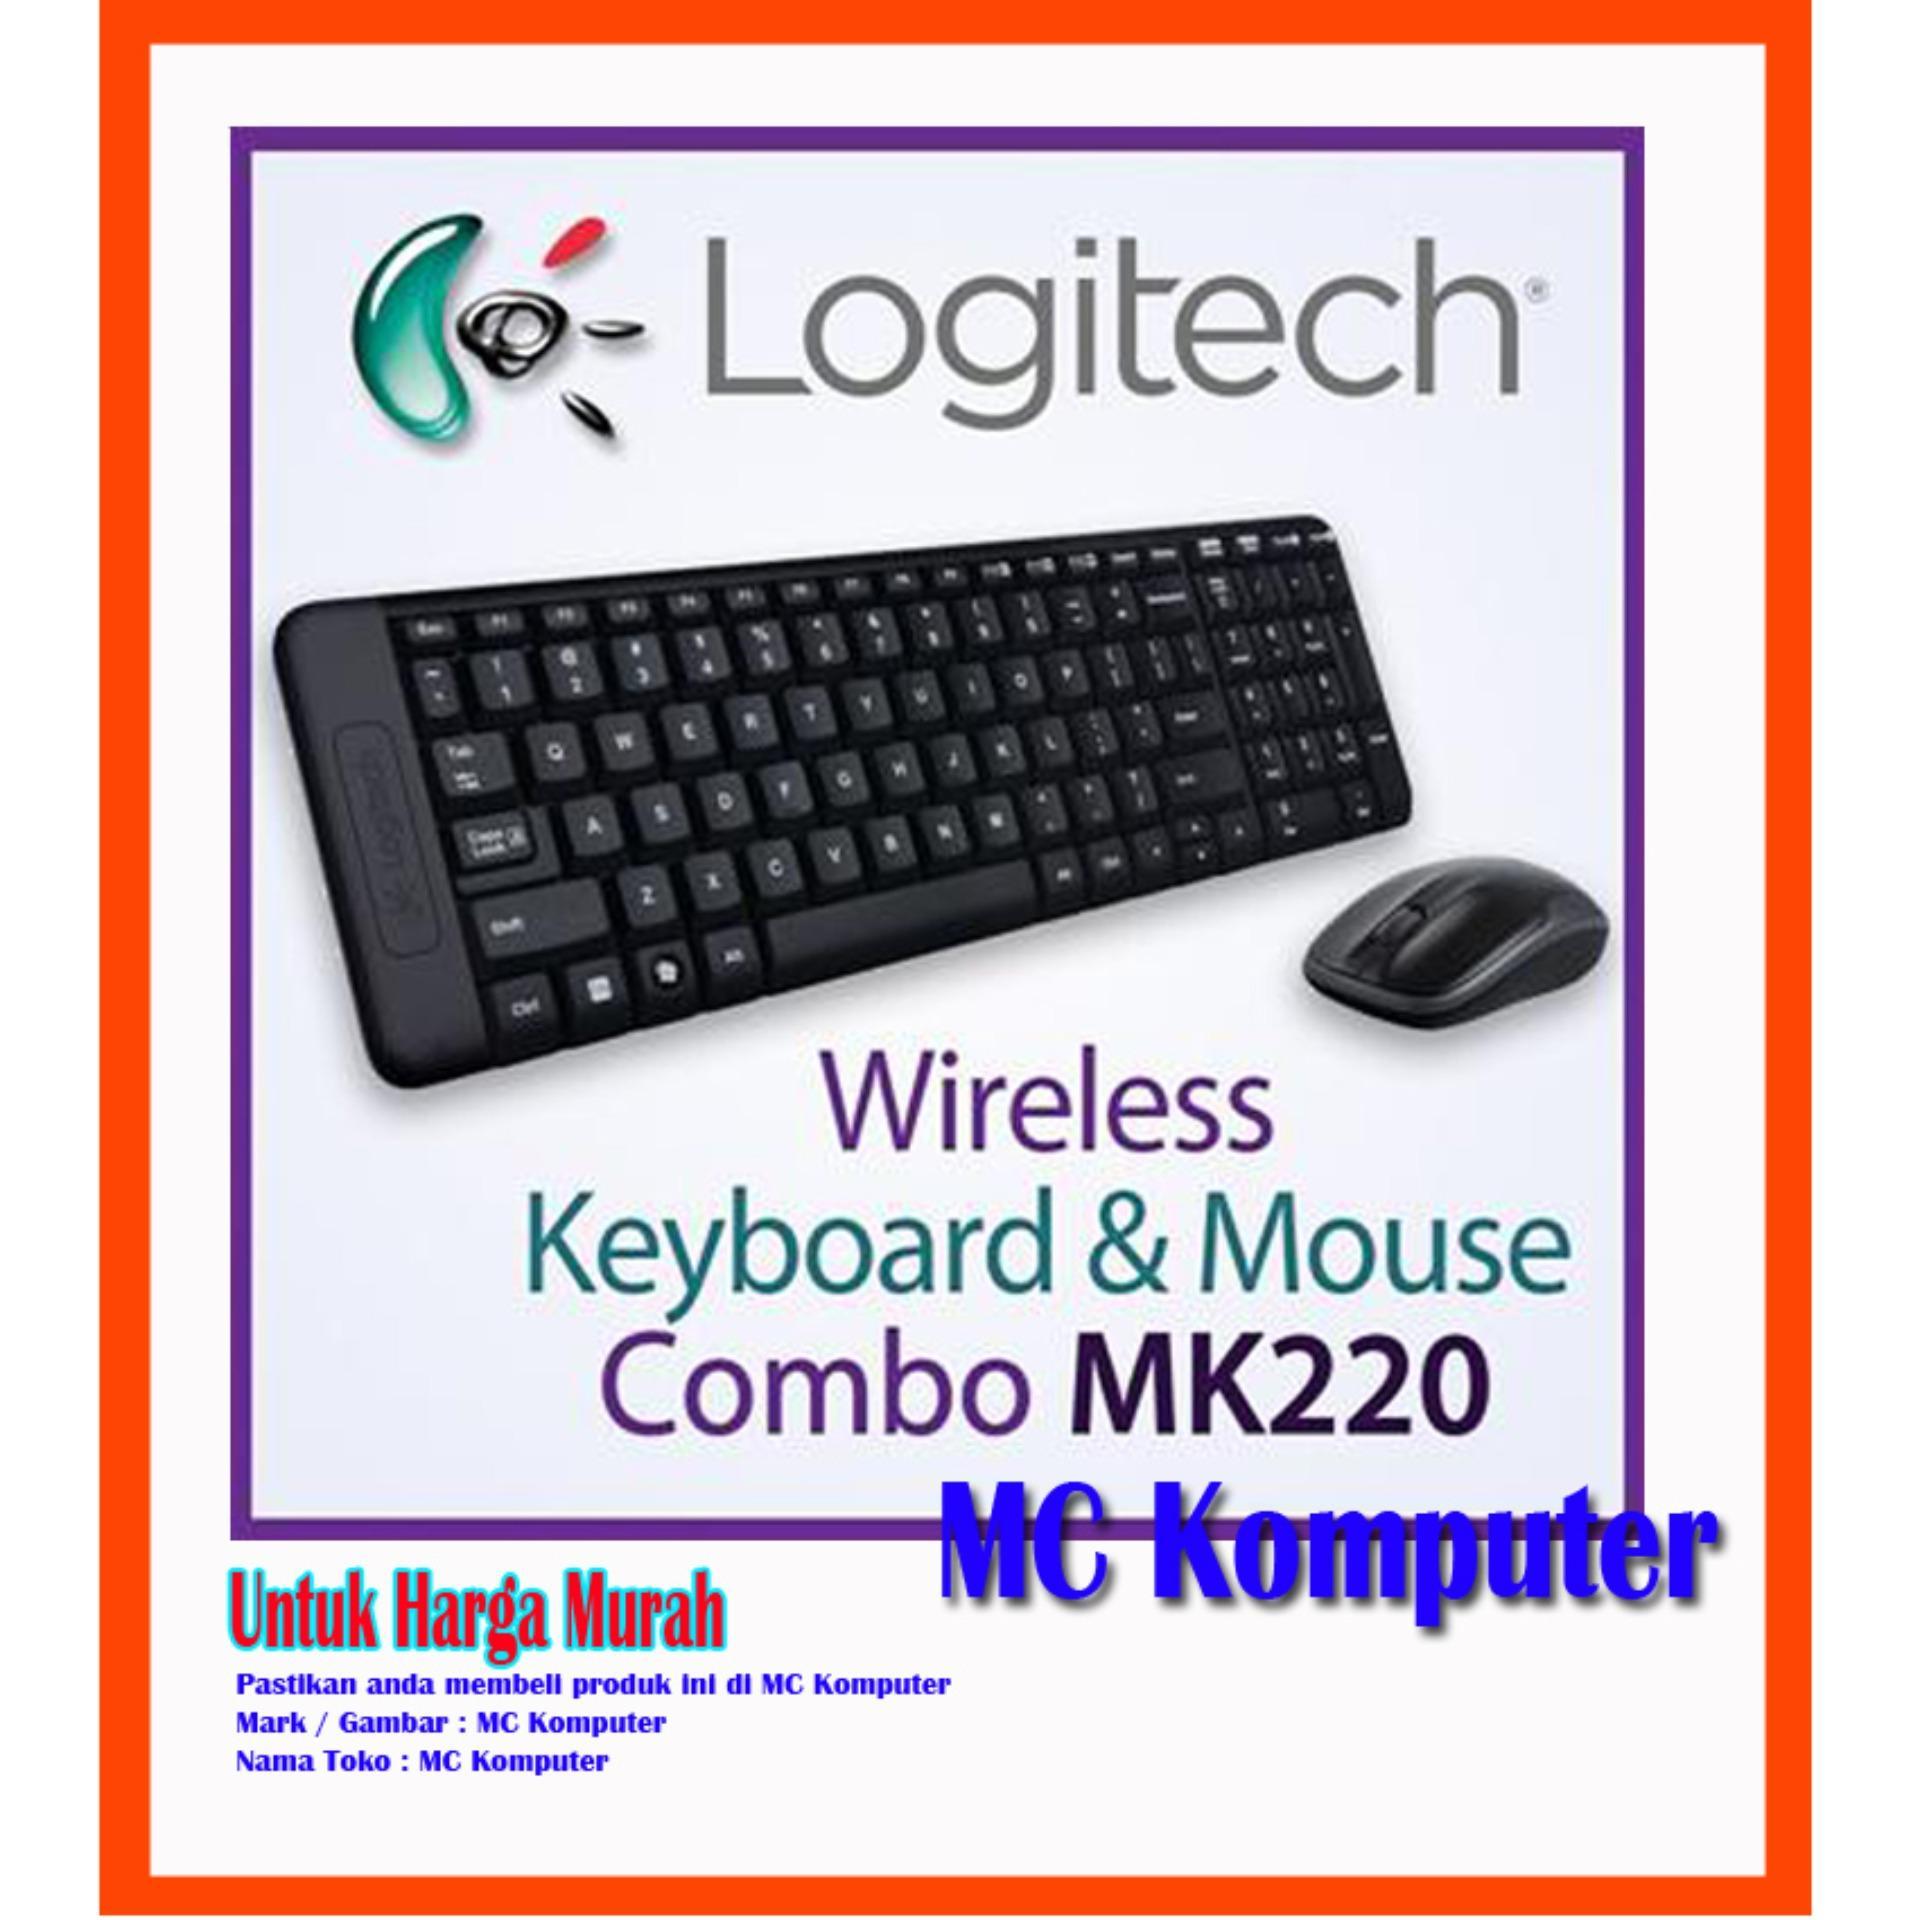 Penawaran Keyboard Gaming Mechanical Mk881 Free Fantech Mouse Pc Desktop Mini Sunbio Paket Hemat 2 Up To 10 Meter Logitech Wireless Dan Mk220